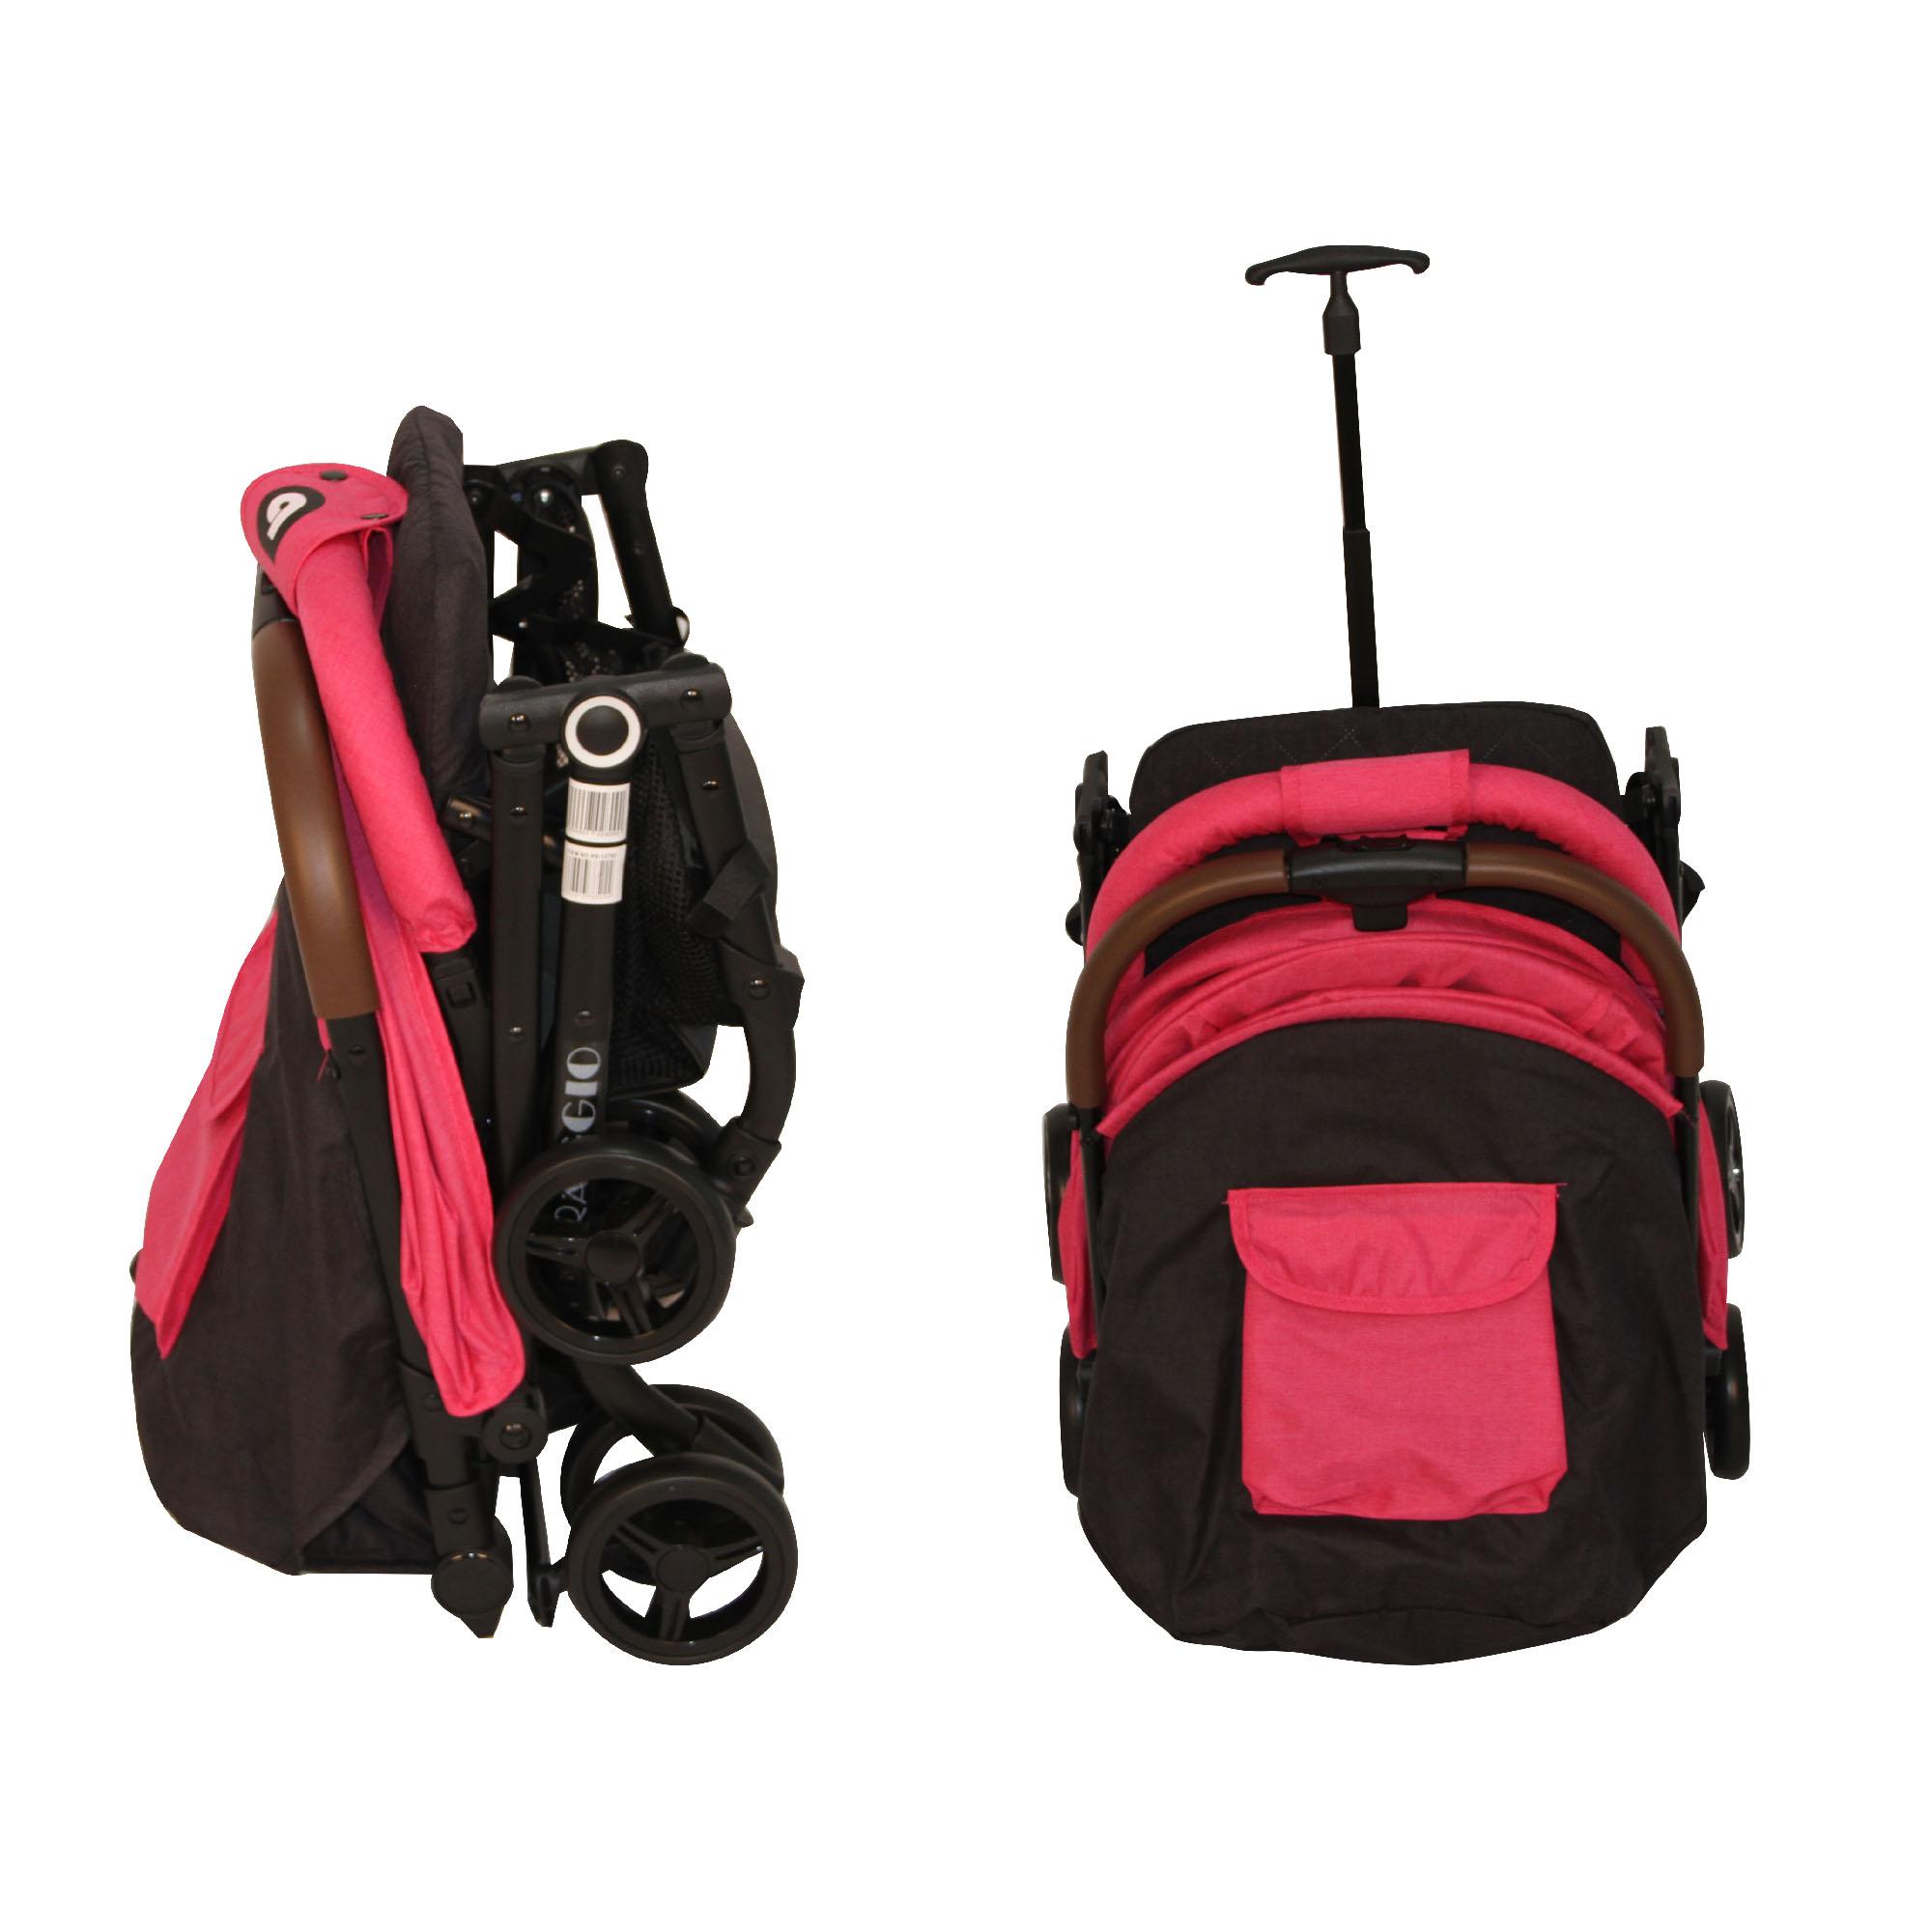 Coche Travel System Compacto Raggio Fucsia Bebeglo RS-13785-2